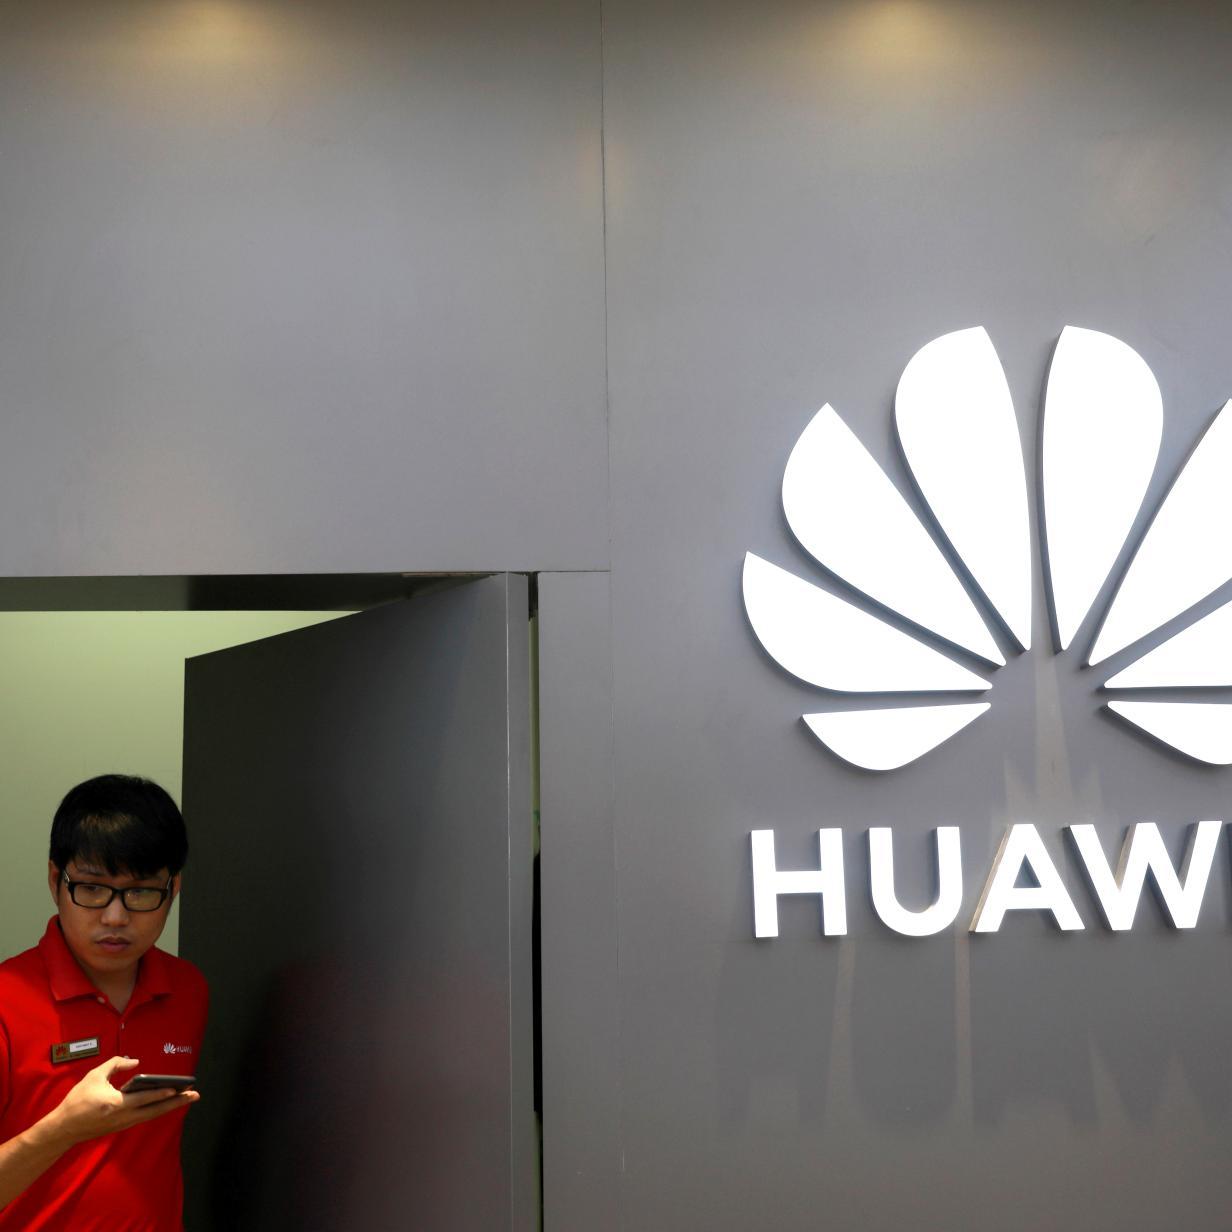 Trump stellt rasche Lösung im Huawei-Konflikt in Aussicht